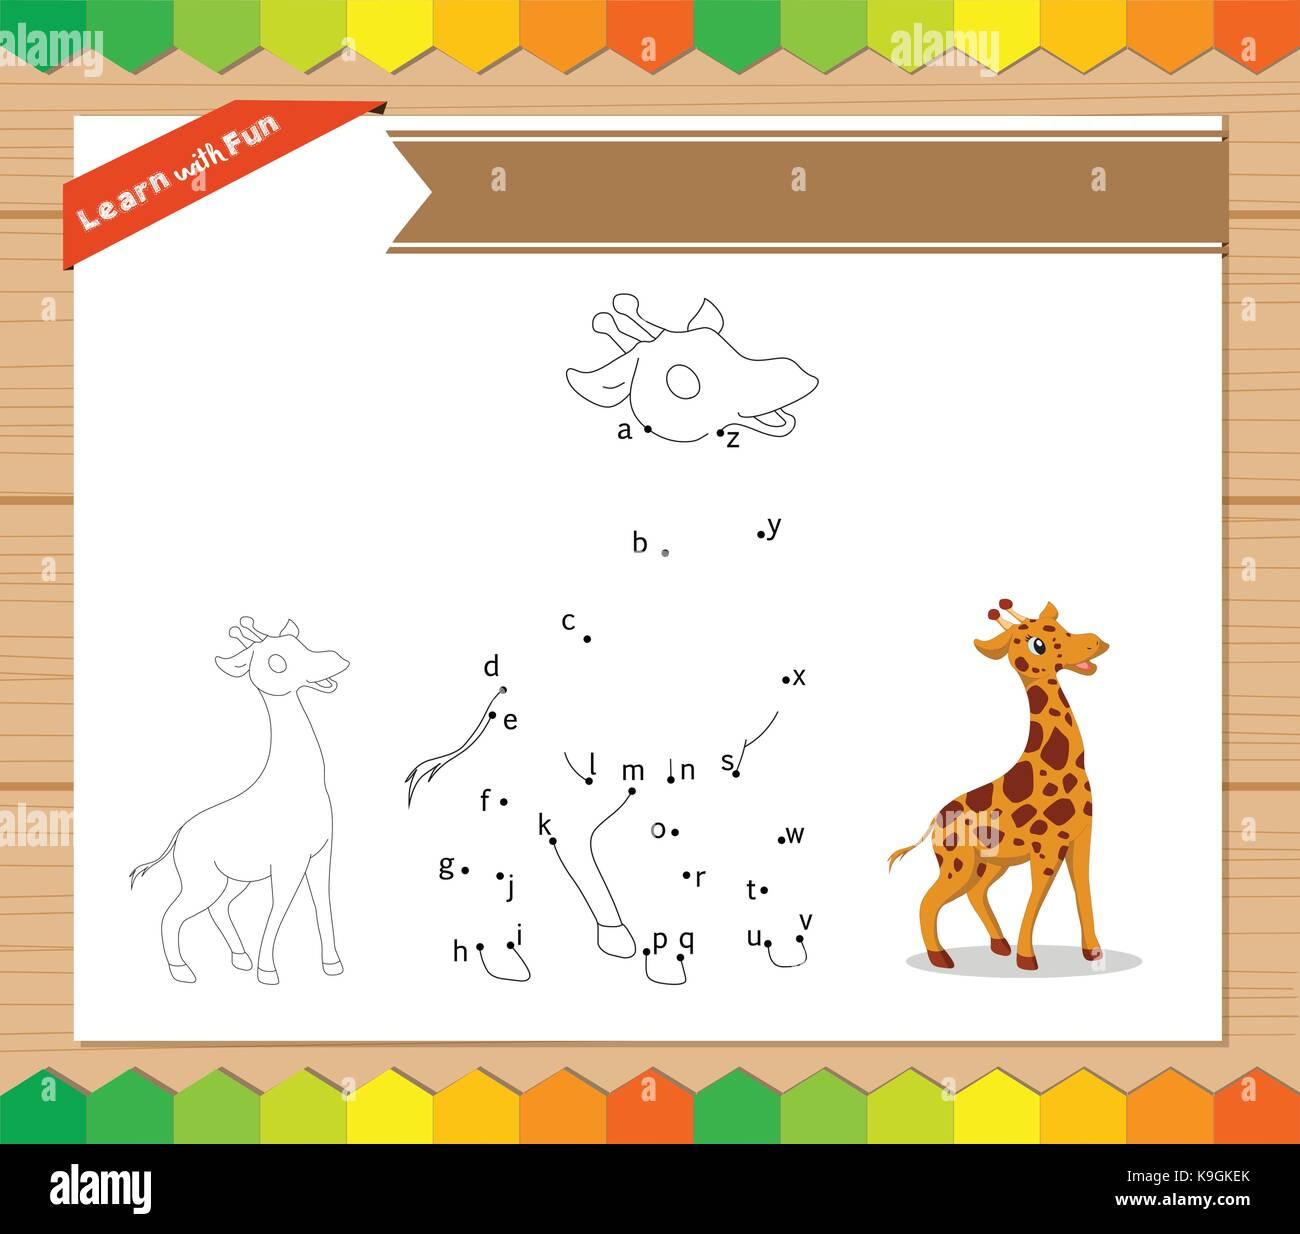 Cartoon Giraffe. Punkt zu Punkt Lernspiel für Kinder. Arbeitsblatt ...